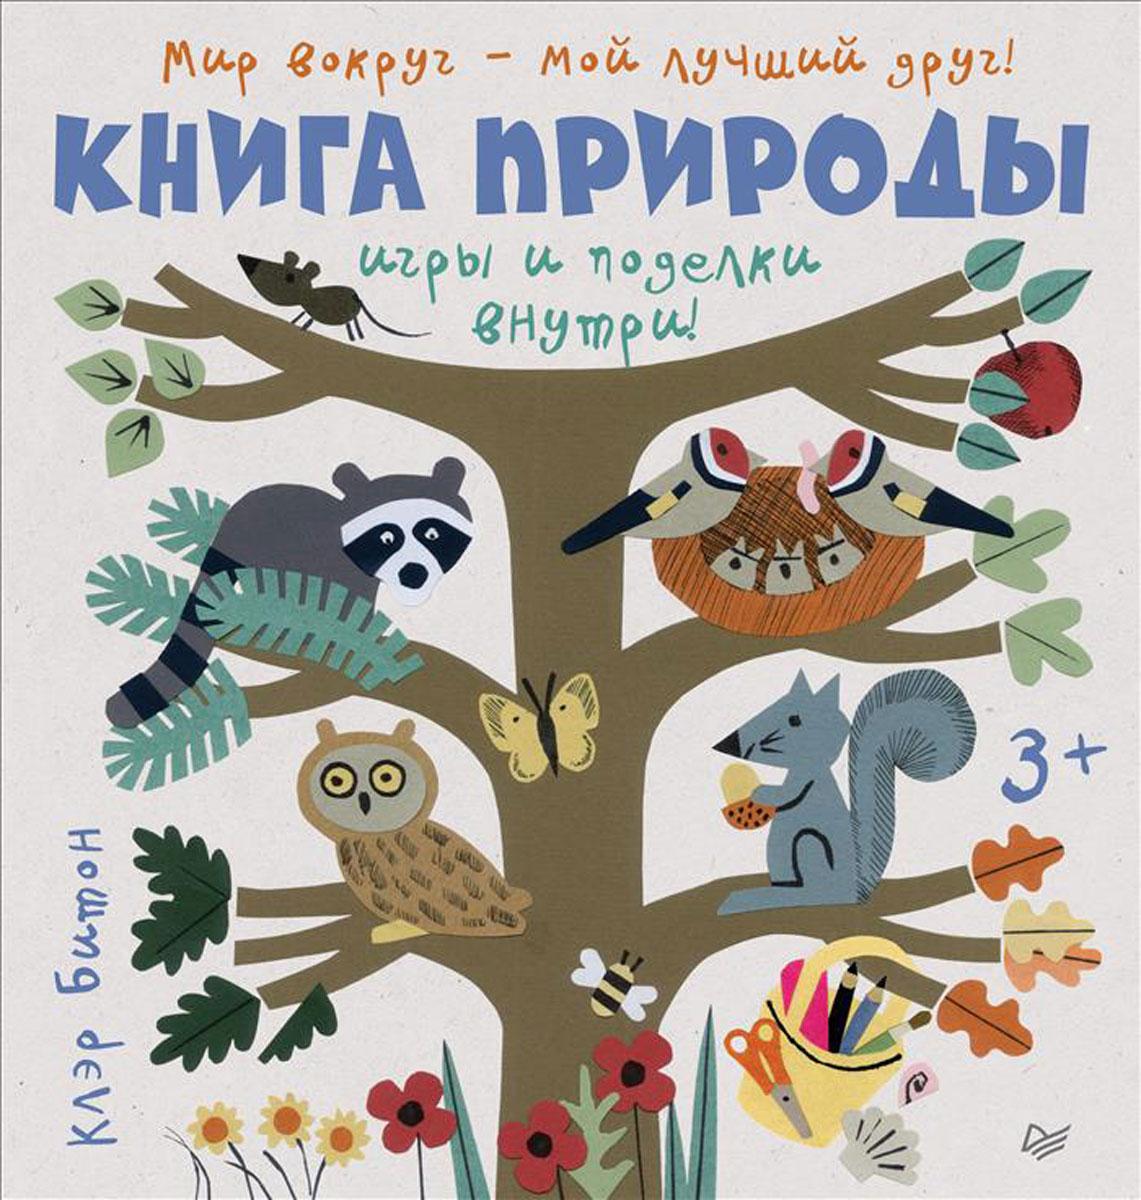 Клэр Битон Книга природы. Мир вокруг - мой лучший друг! клэр битон книга природы мир вокруг мой лучший друг